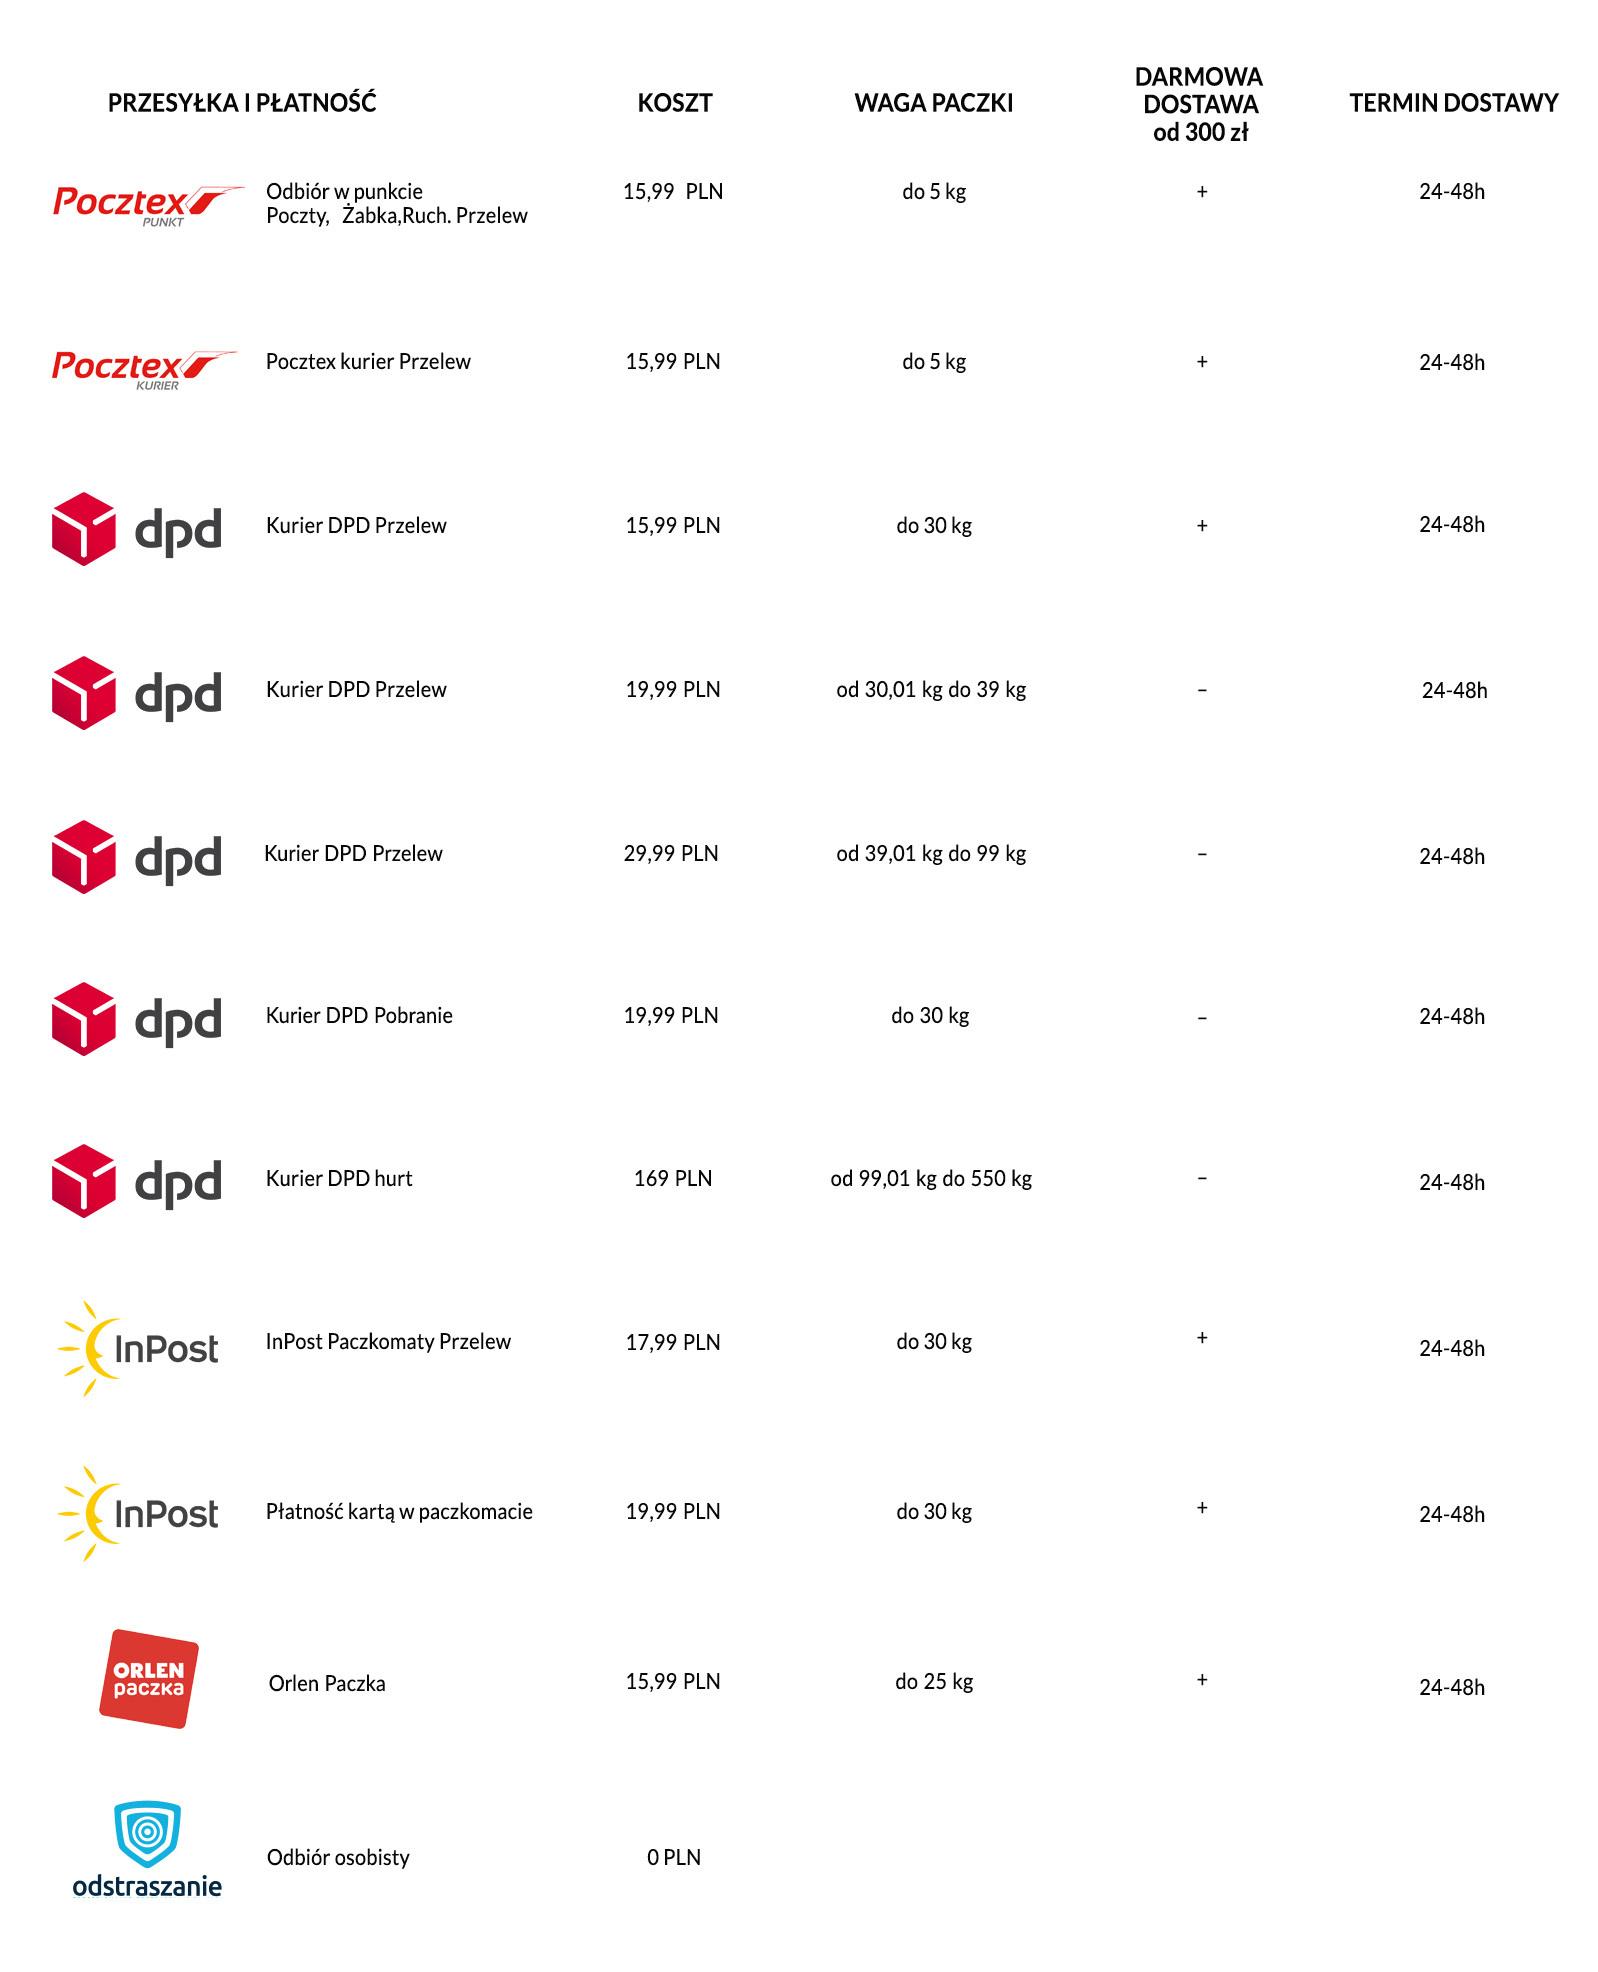 ceny dostawy odstraszanie.pl, cennik kuriera